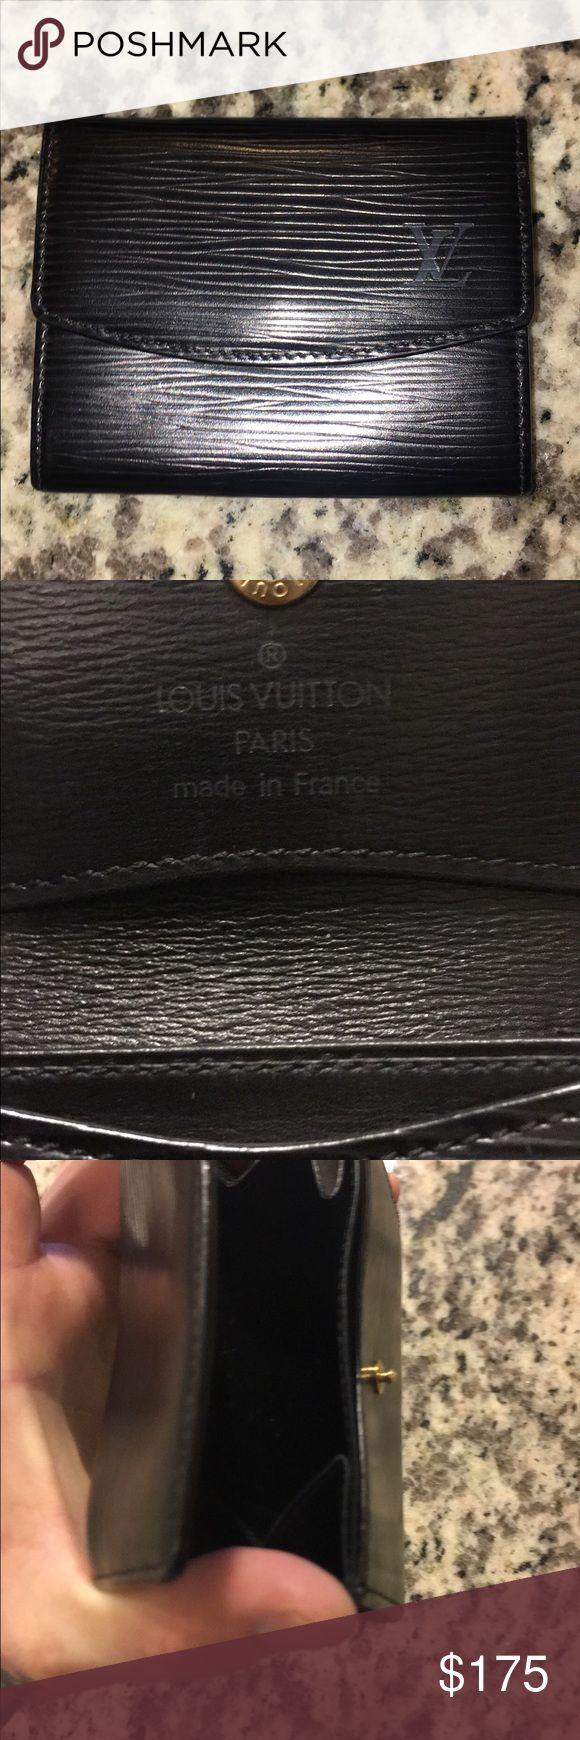 Louis Vuitton coin purse/ wallet Louis Vuitton coin purse/ wallet Louis Vuitton Bags Wallets